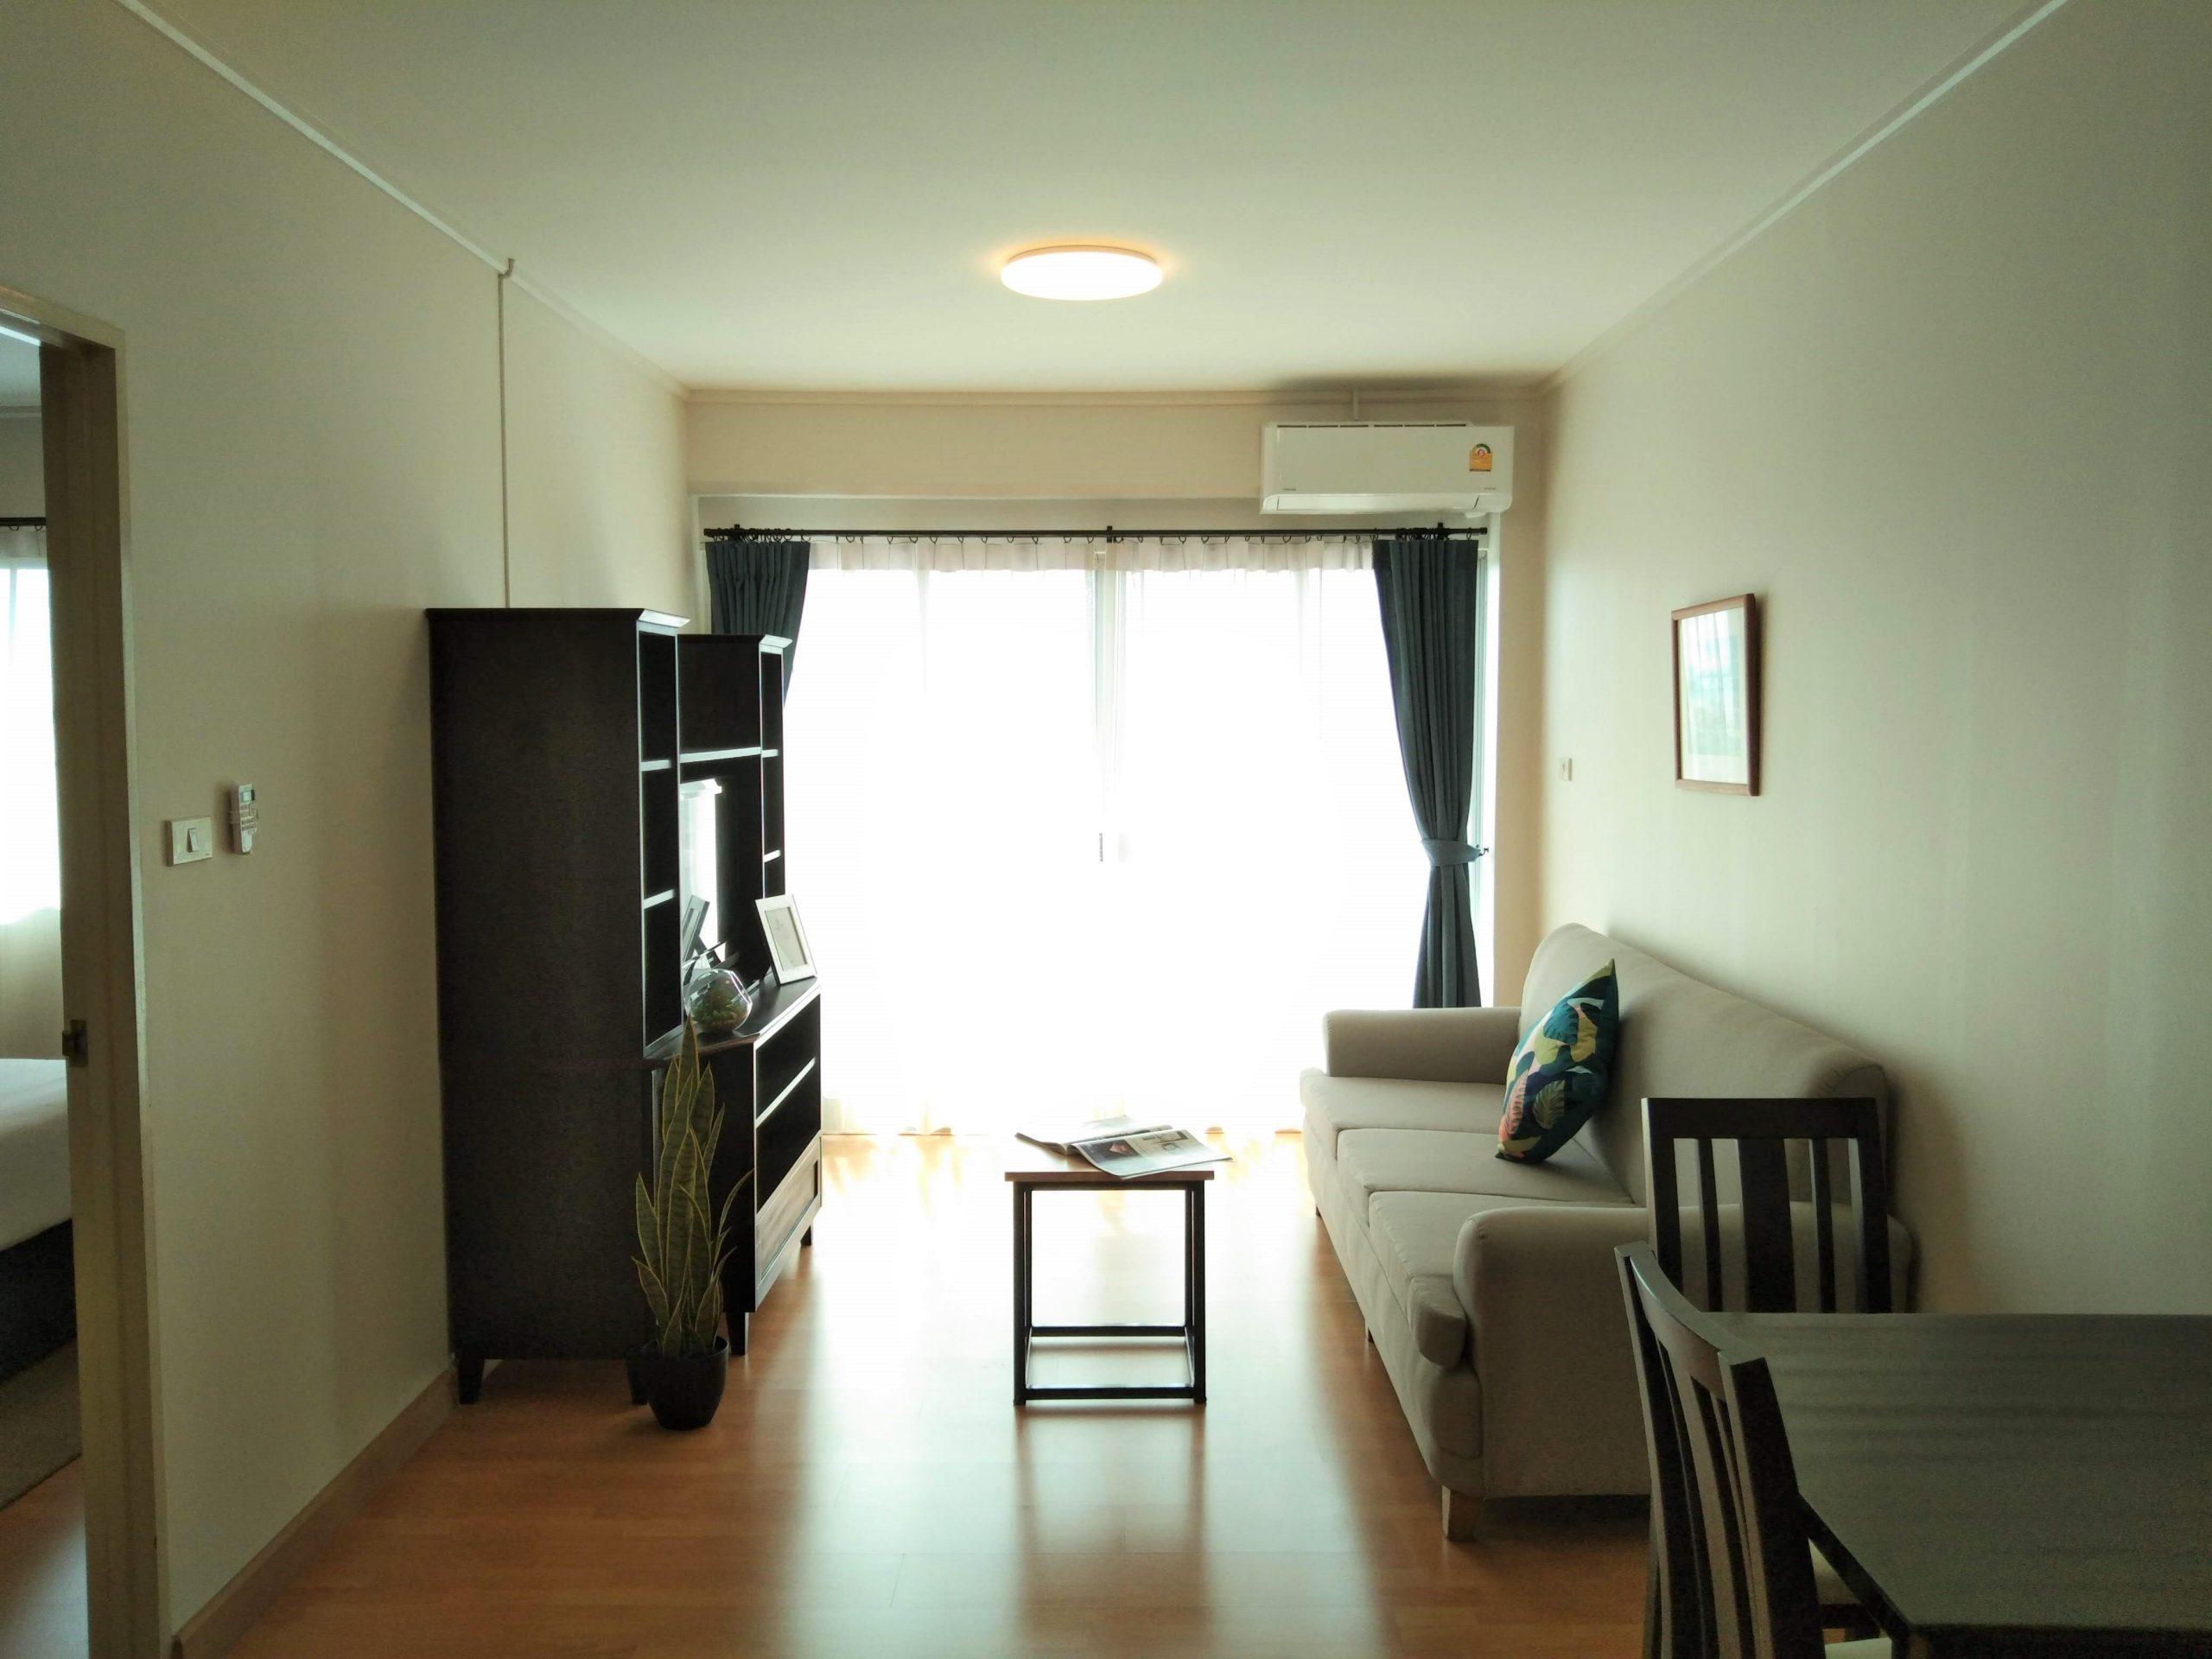 グリーンライフサービスアパート 単身者向け1ベッドルーム